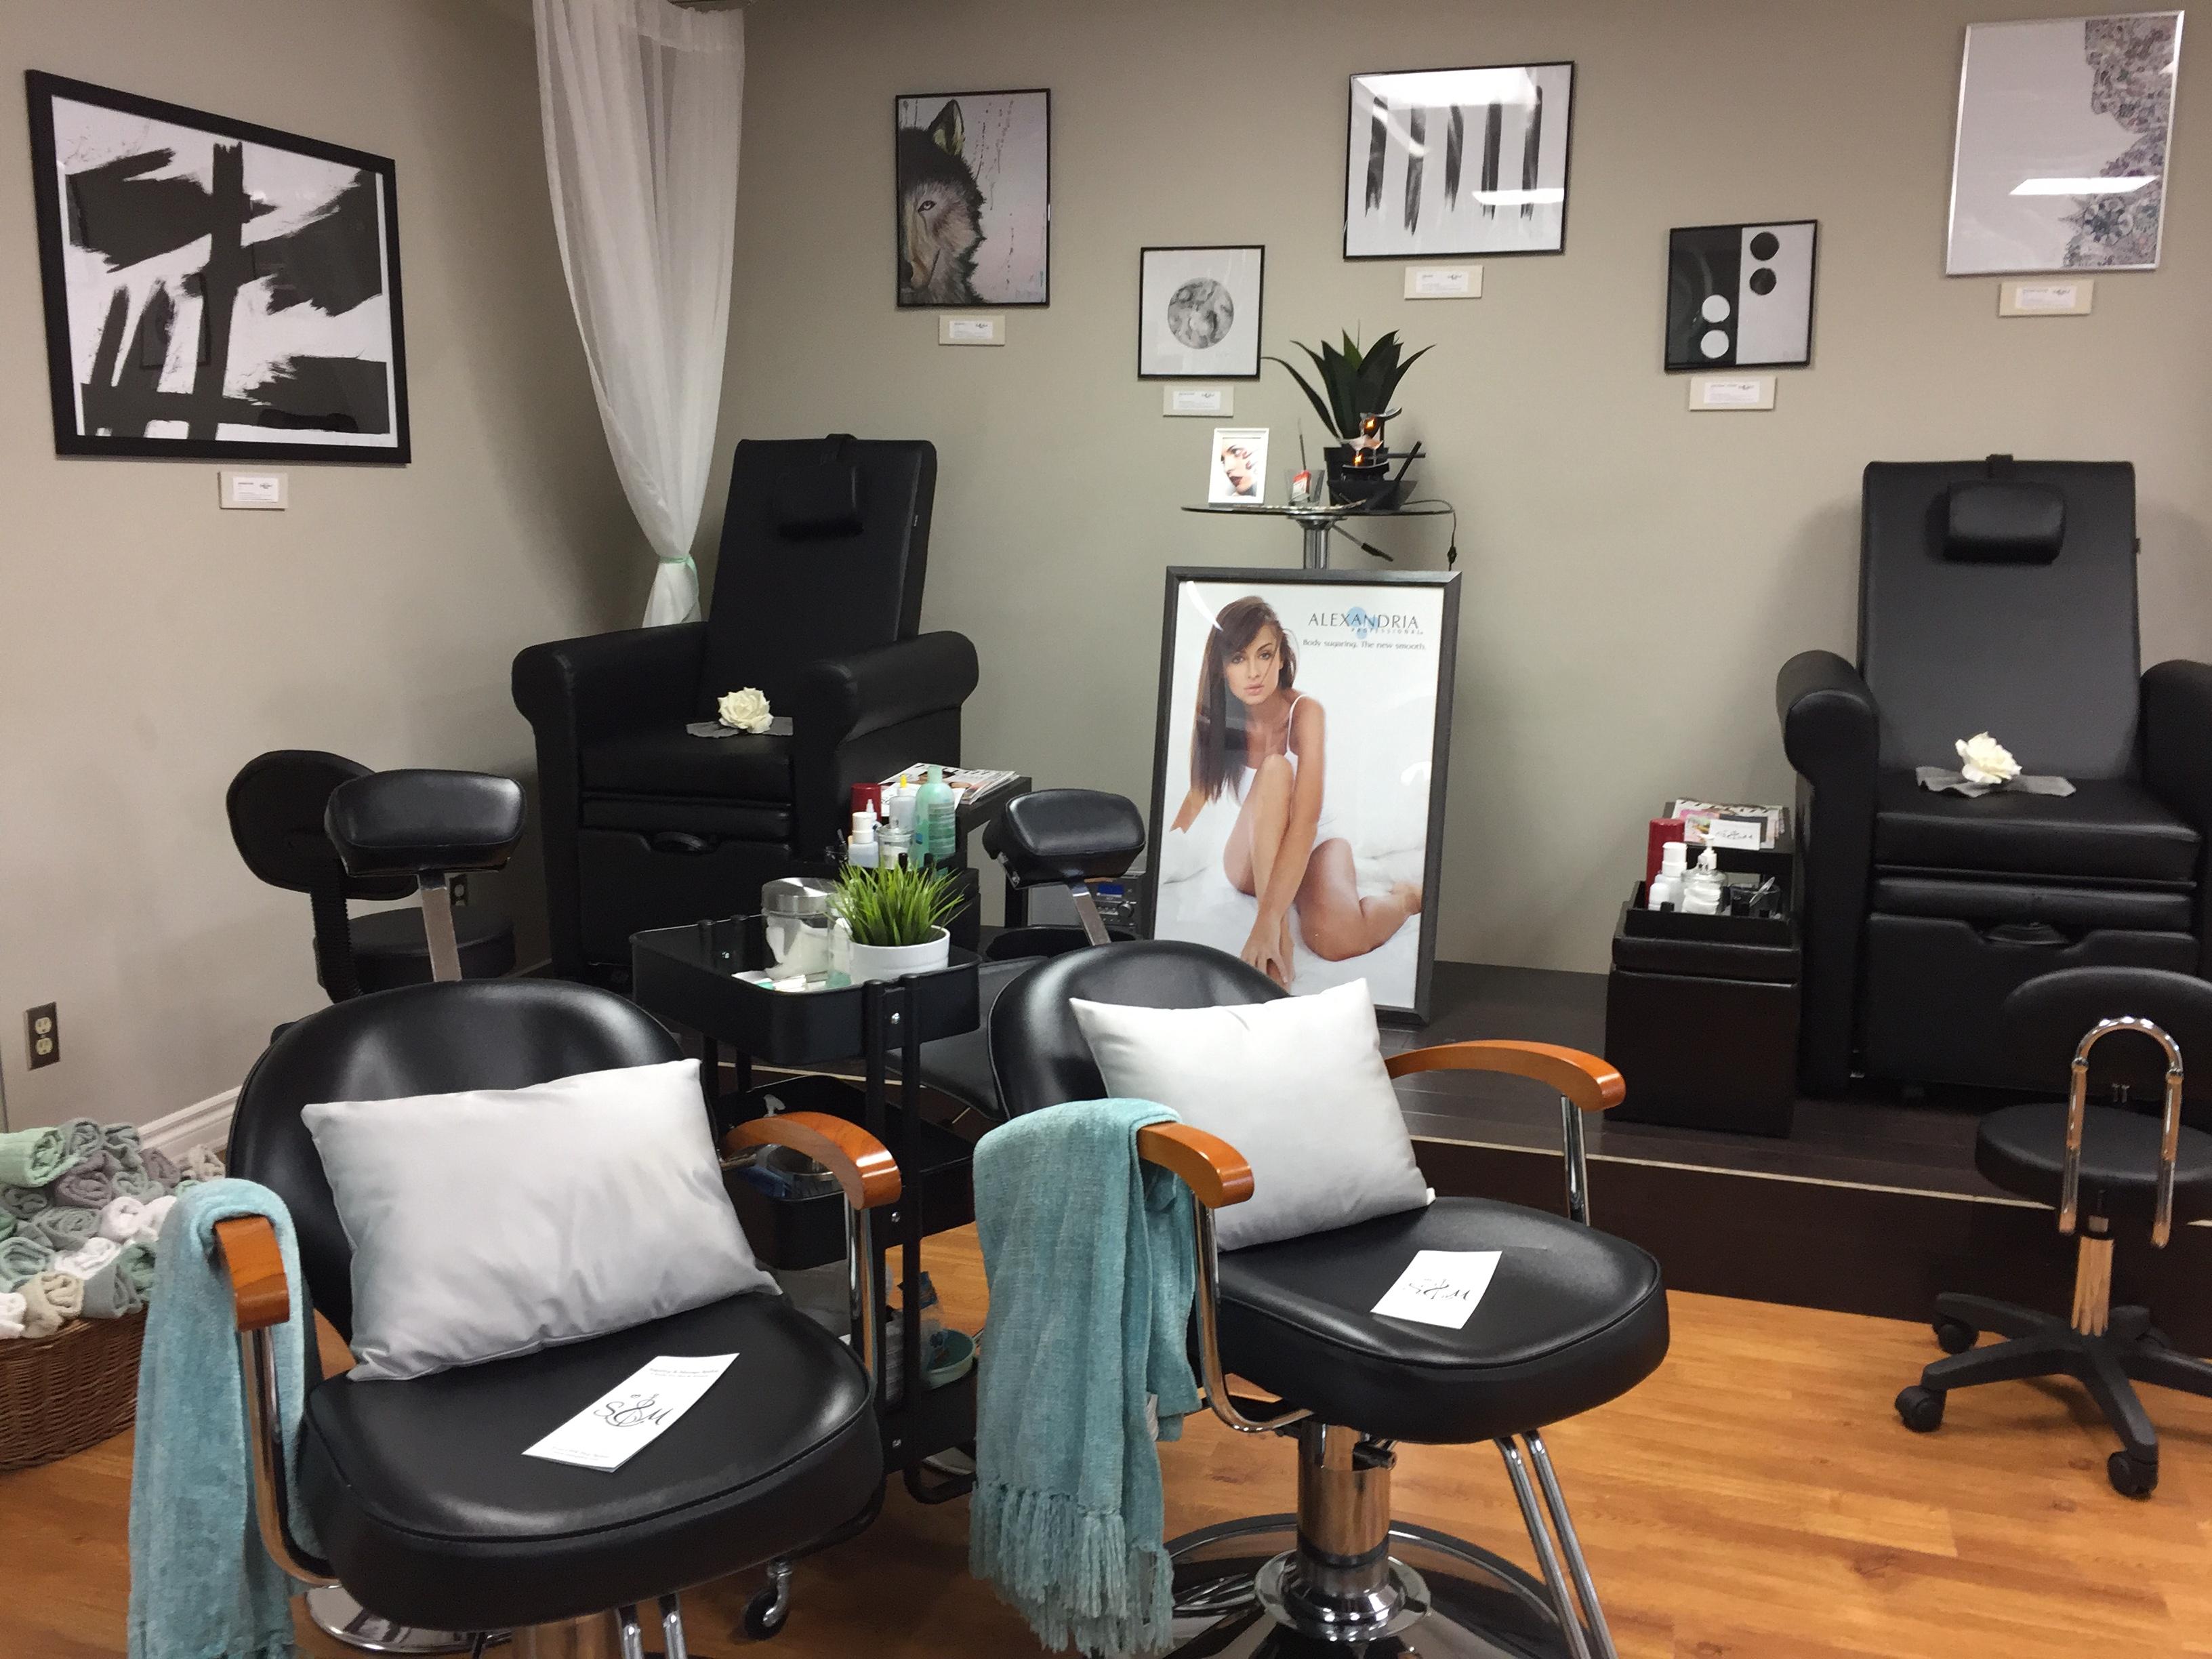 Manicure + Pedicure Station